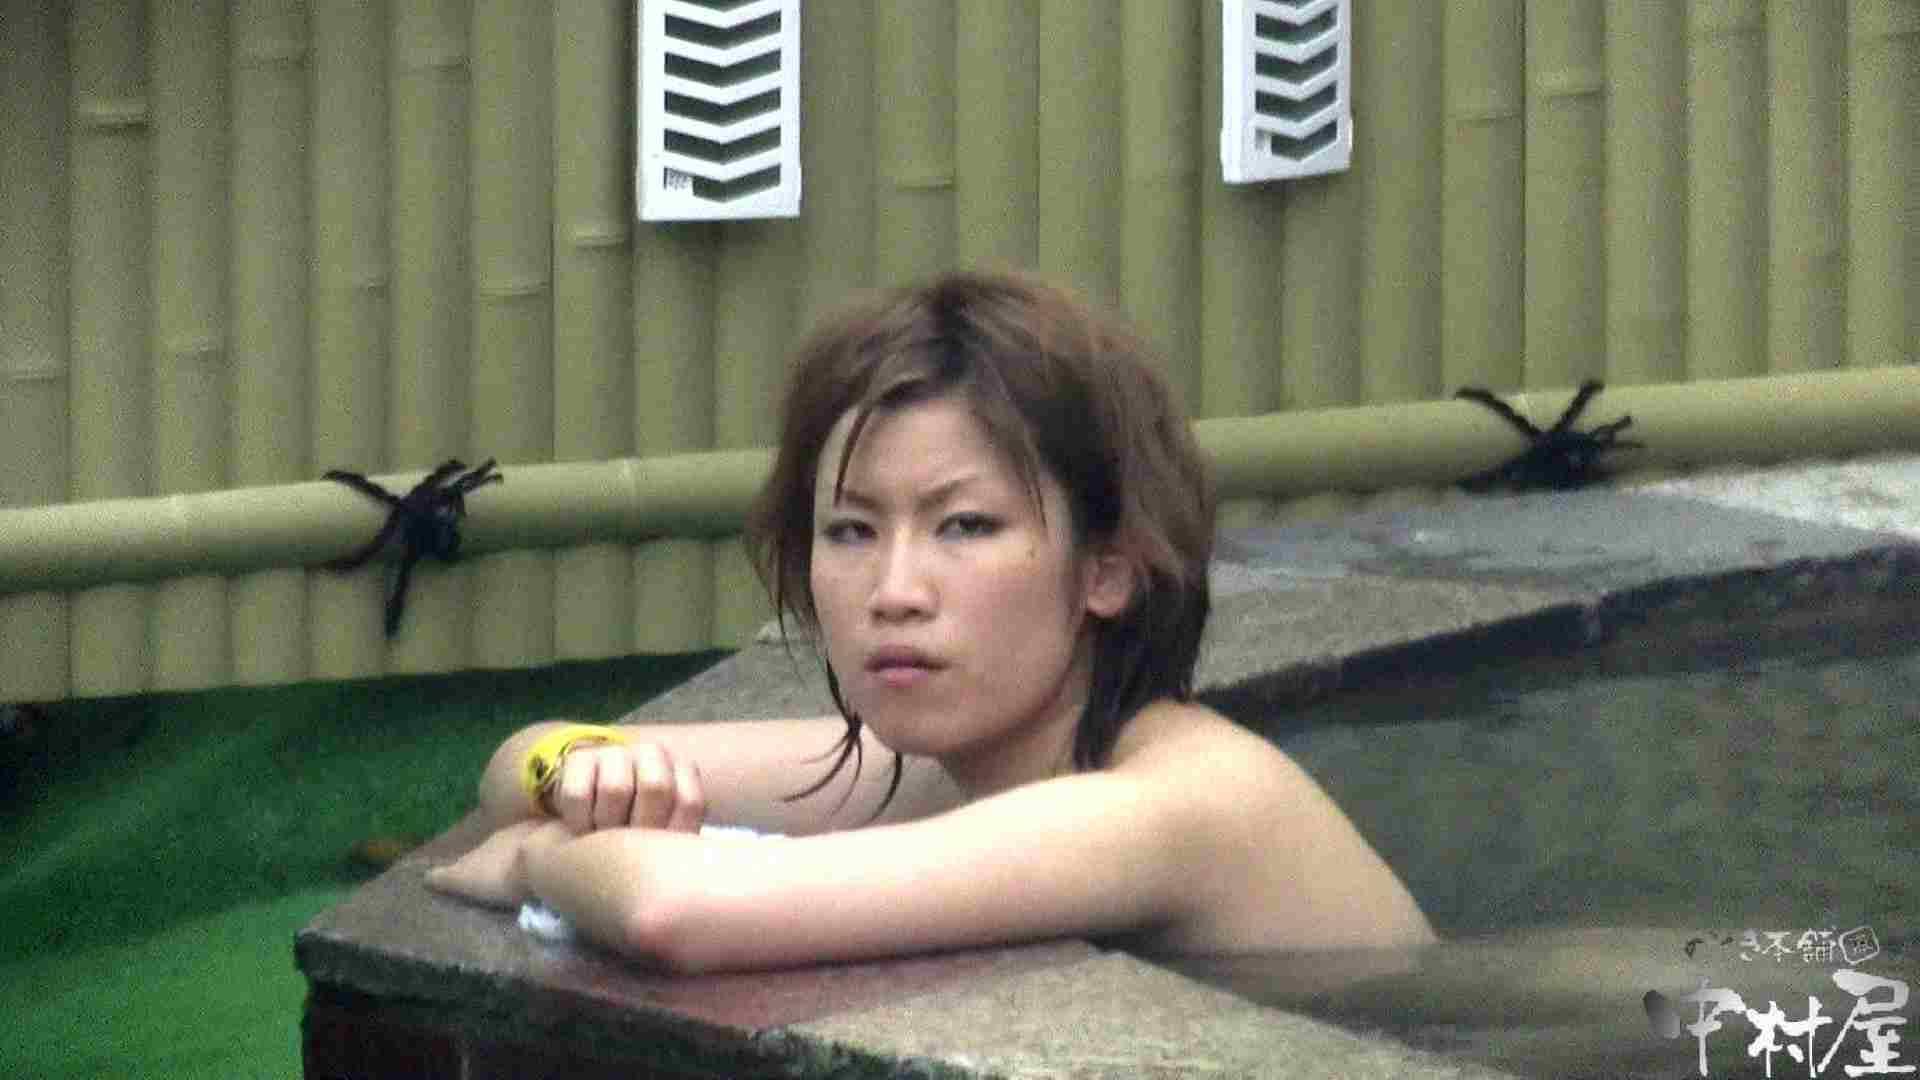 Aquaな露天風呂Vol.918 盗撮師作品 | 美しいOLの裸体  75pic 13